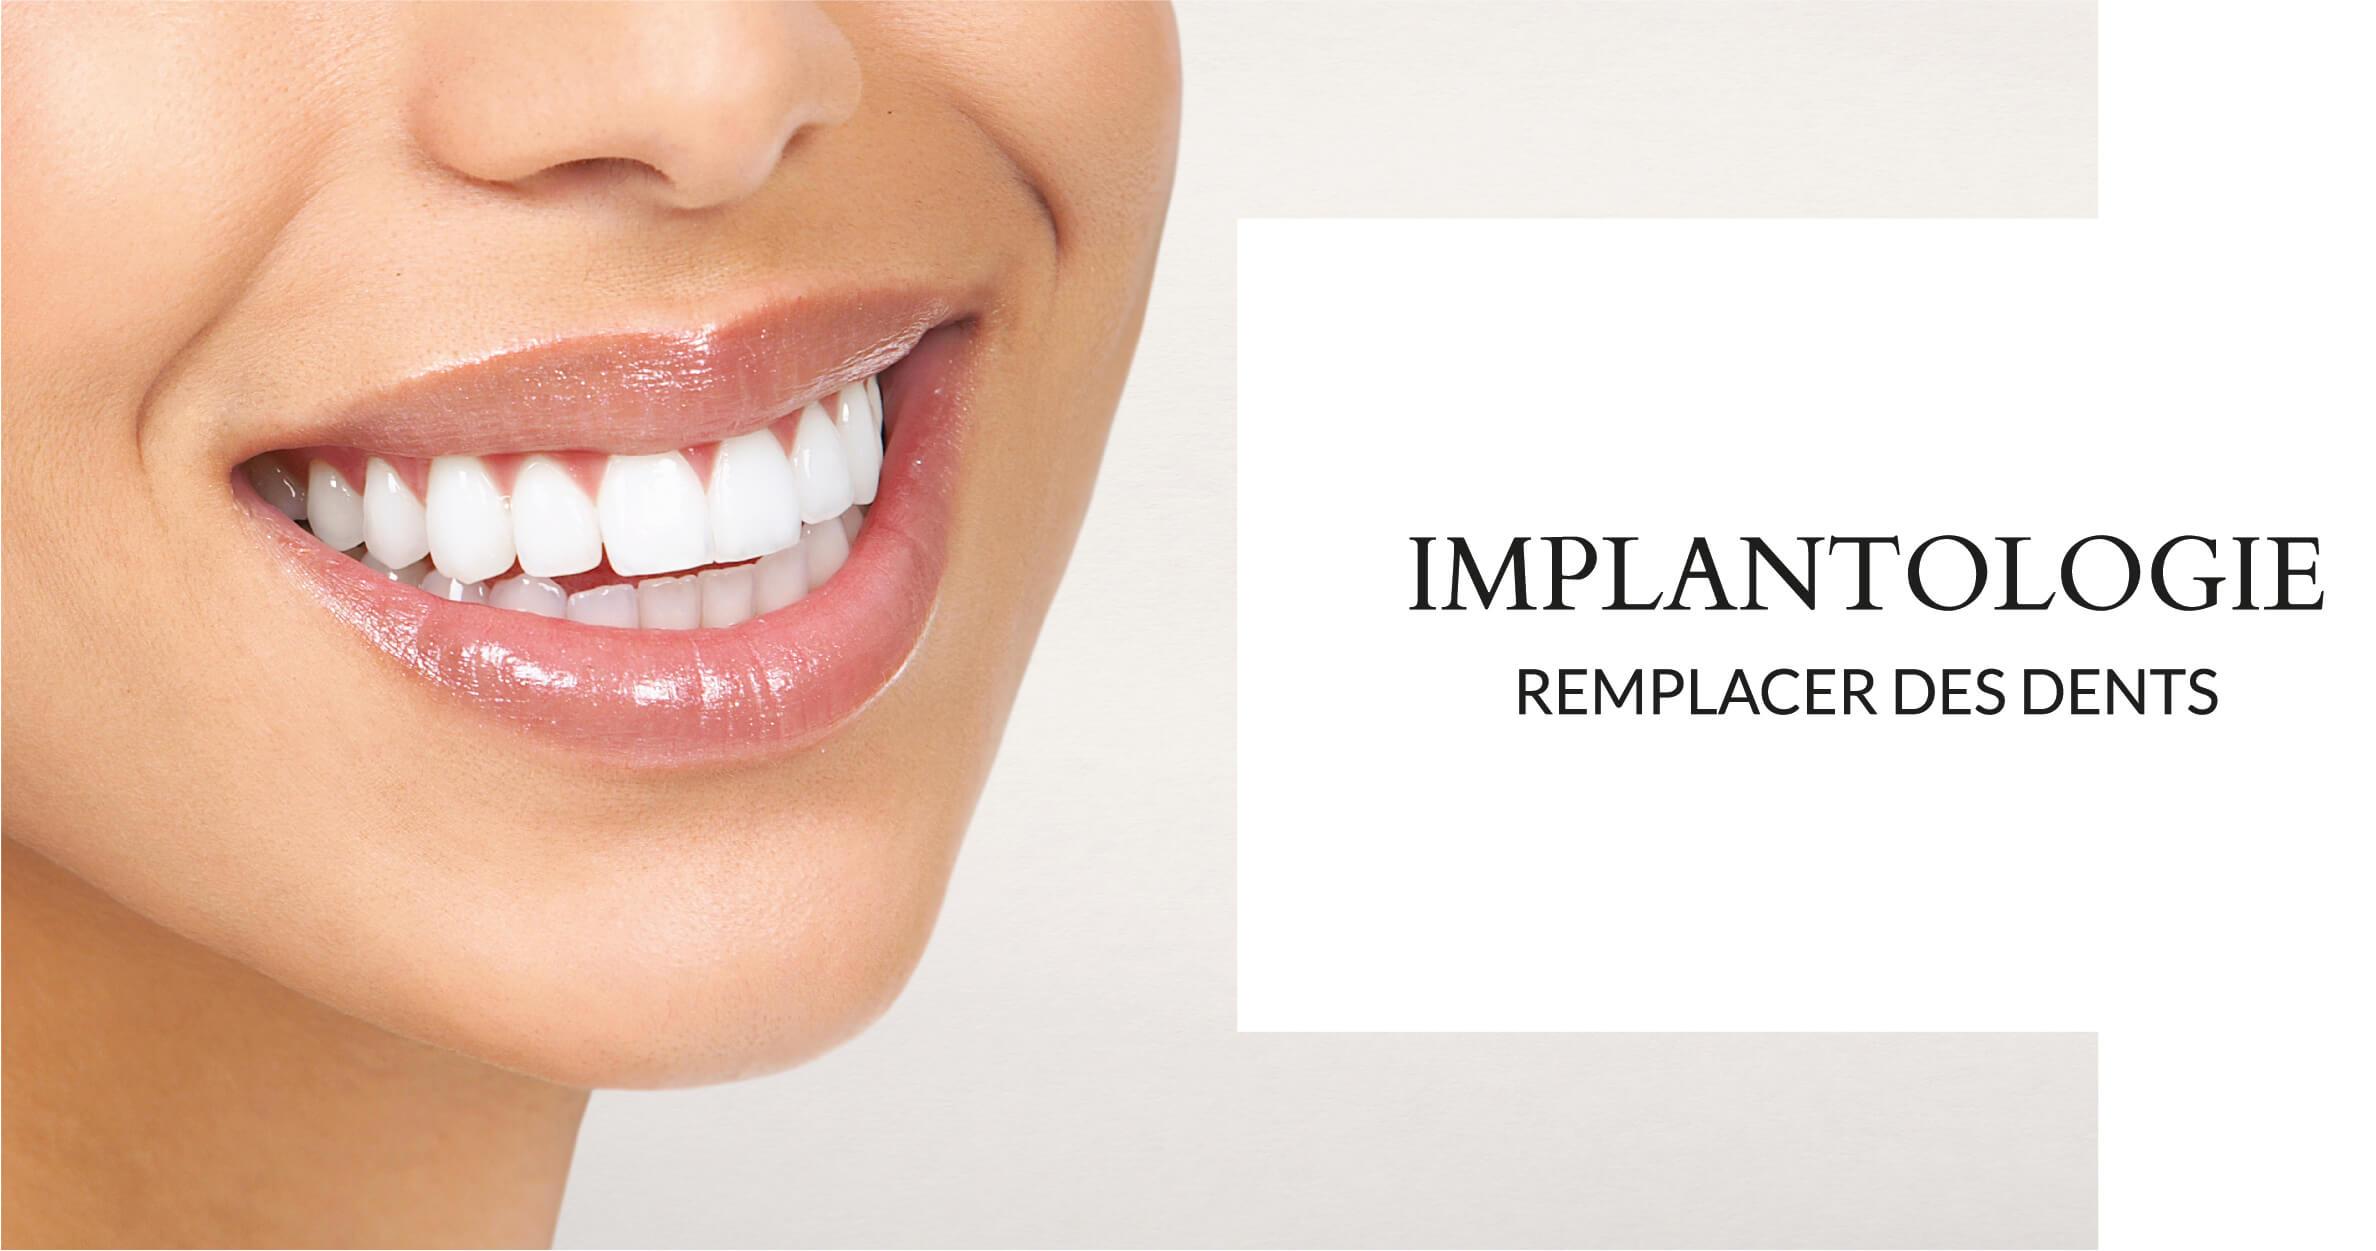 Implantologie - Cabinet dentaire du Dr Ludovic Ache Paris 16